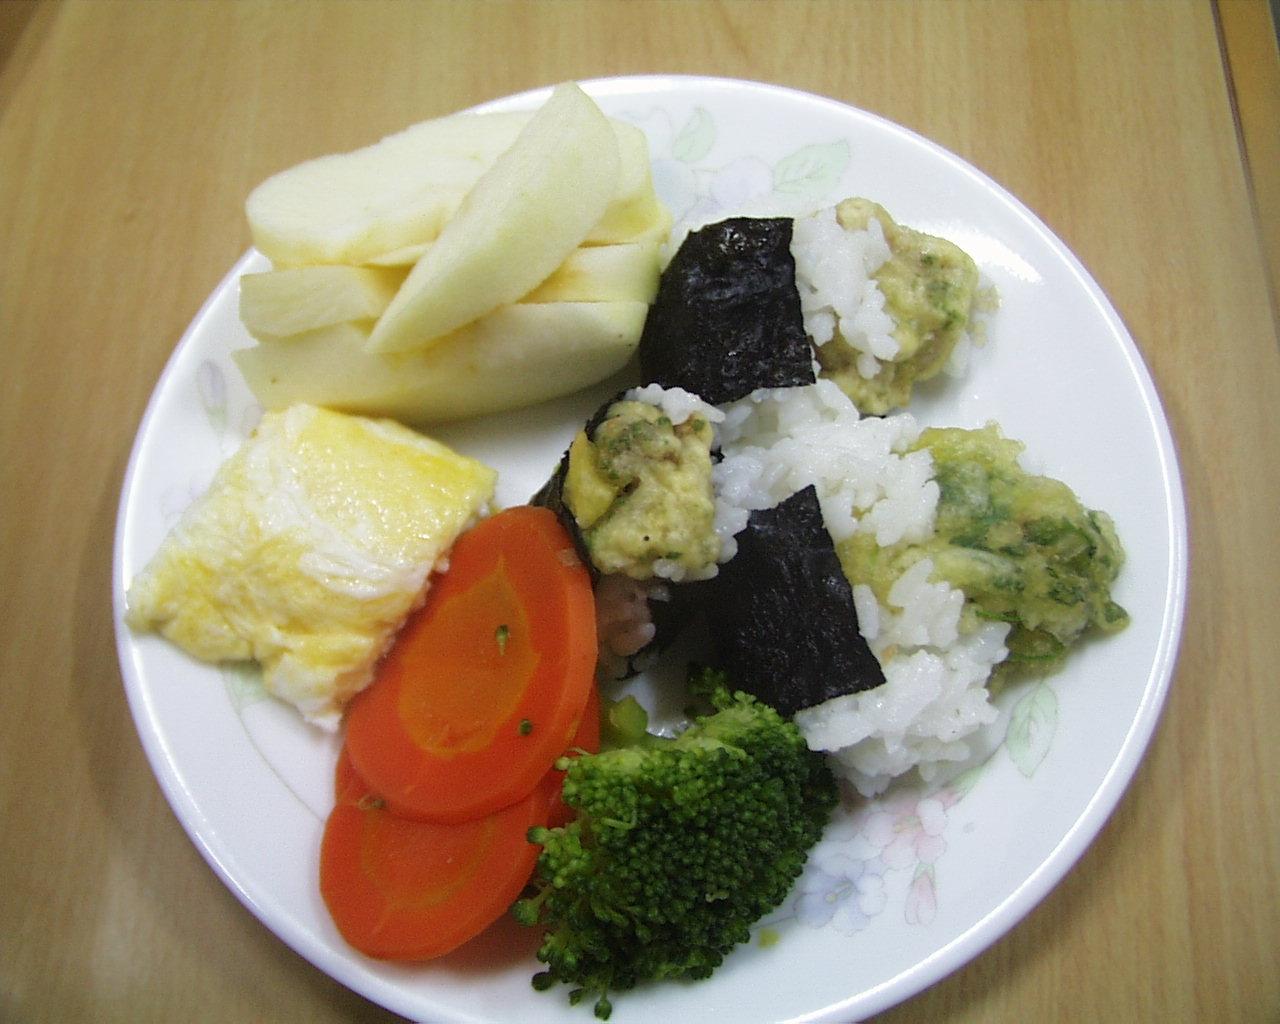 天ぷらむすびと野菜盛り合わせ